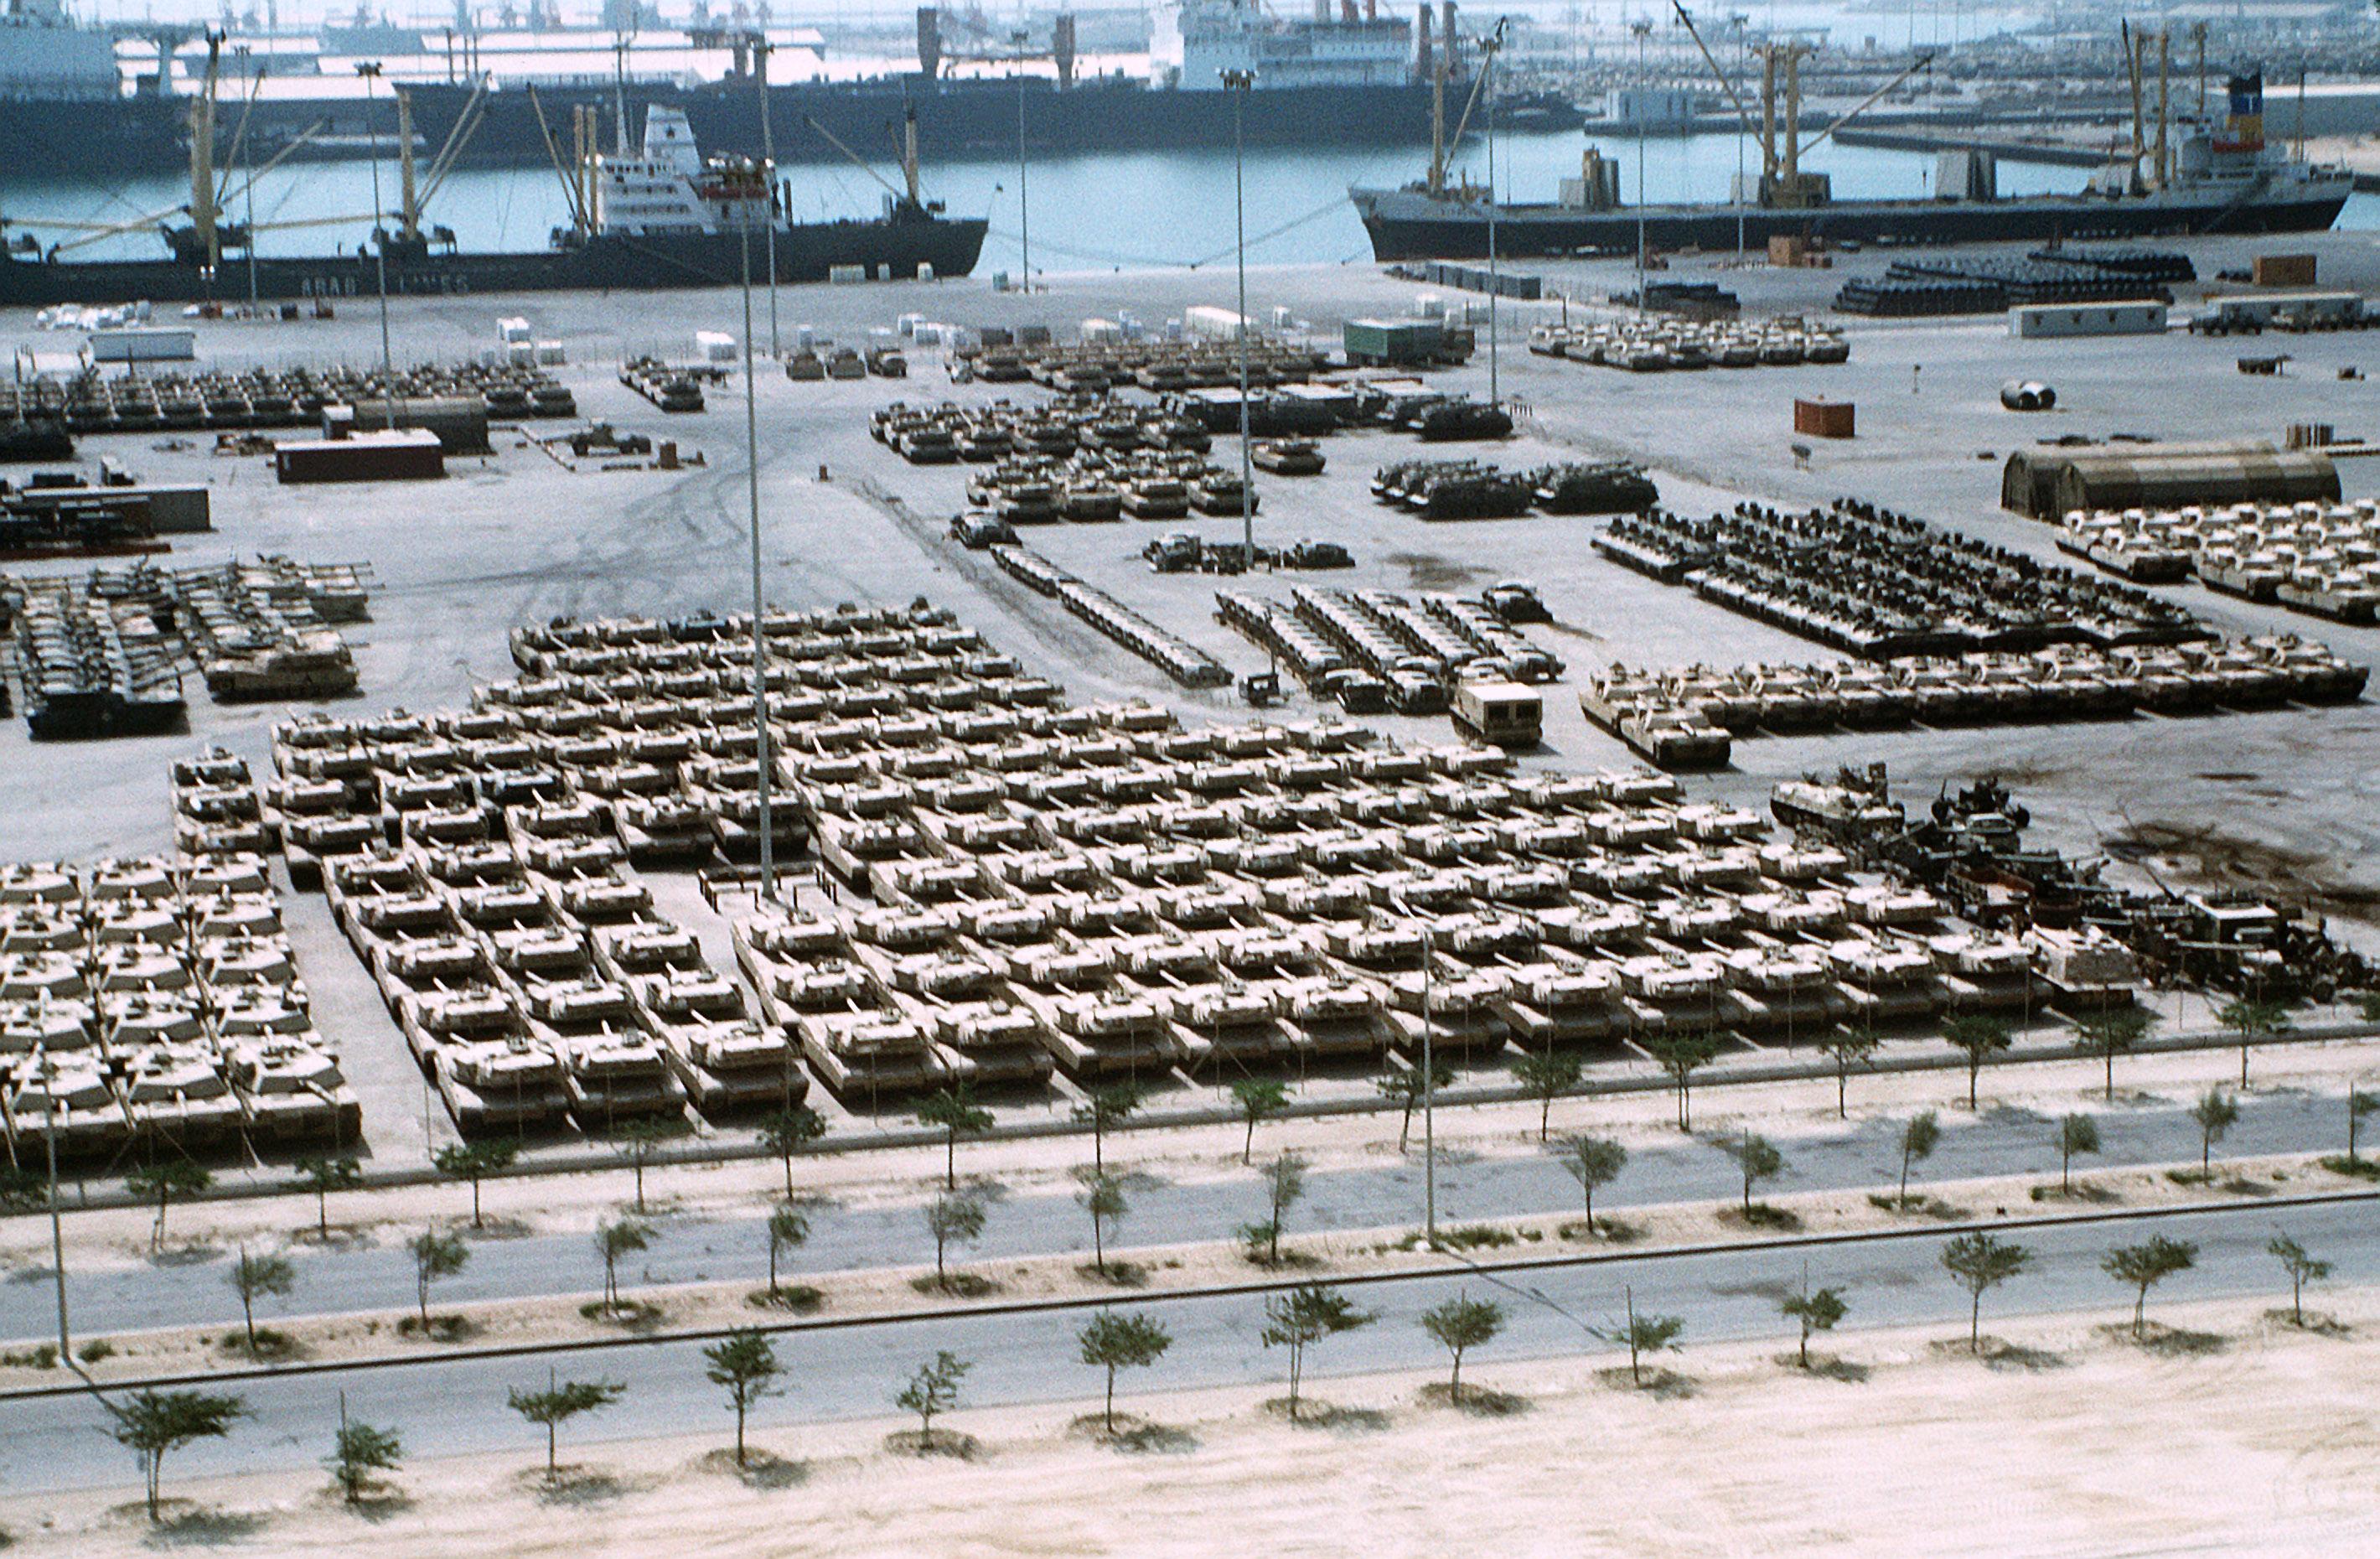 Guerre en Irak - Page 3 6062342180_b4f692bfbe_o